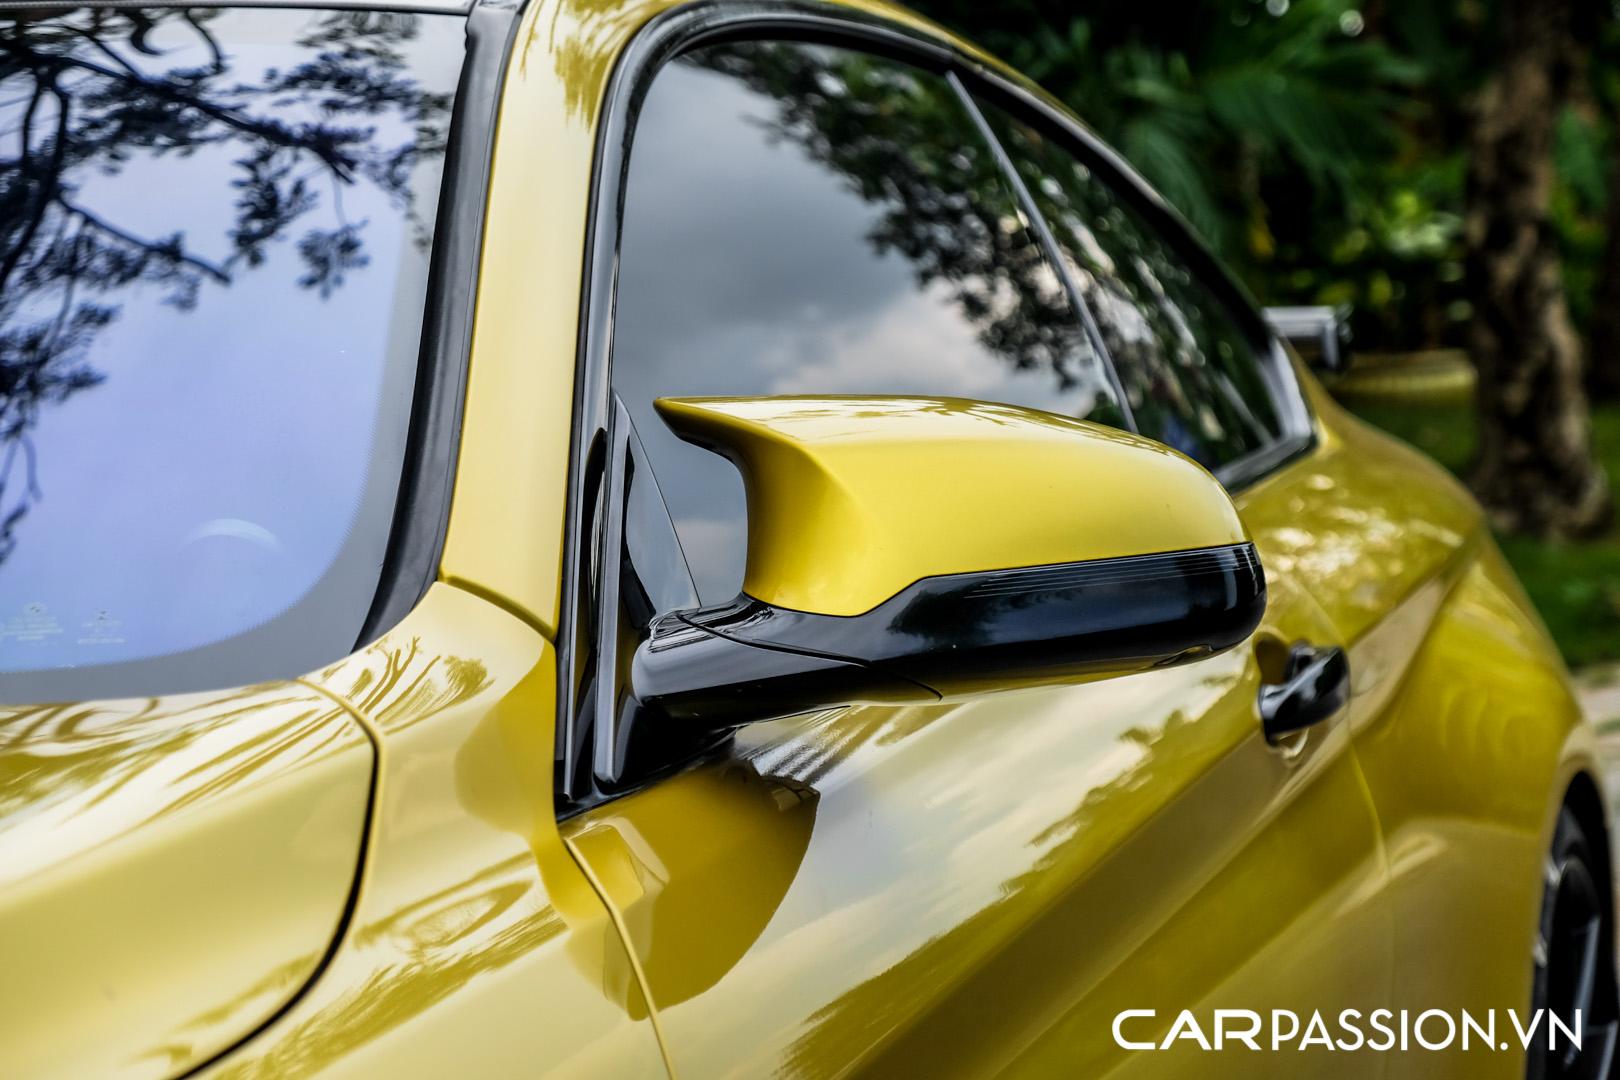 CP-BMW M4 F8 được rao bán (21).jpg